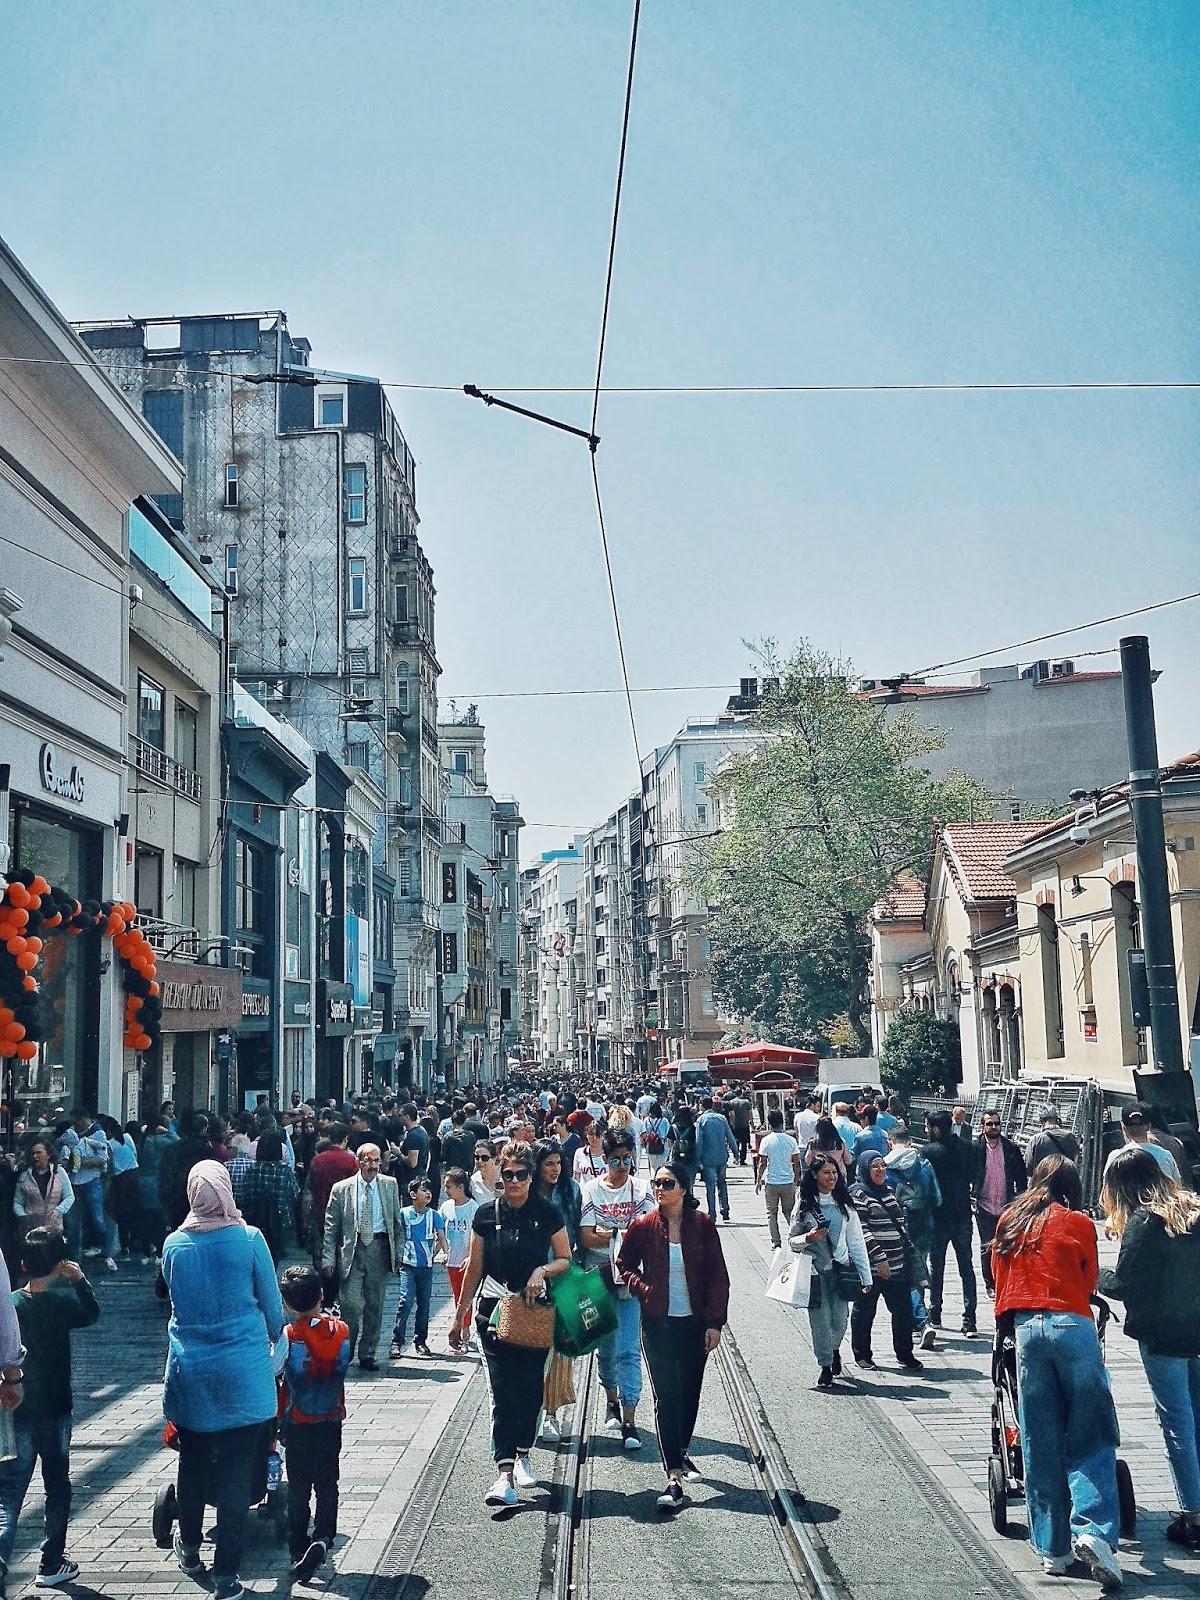 Orang ramai di sekitar Taksim Square